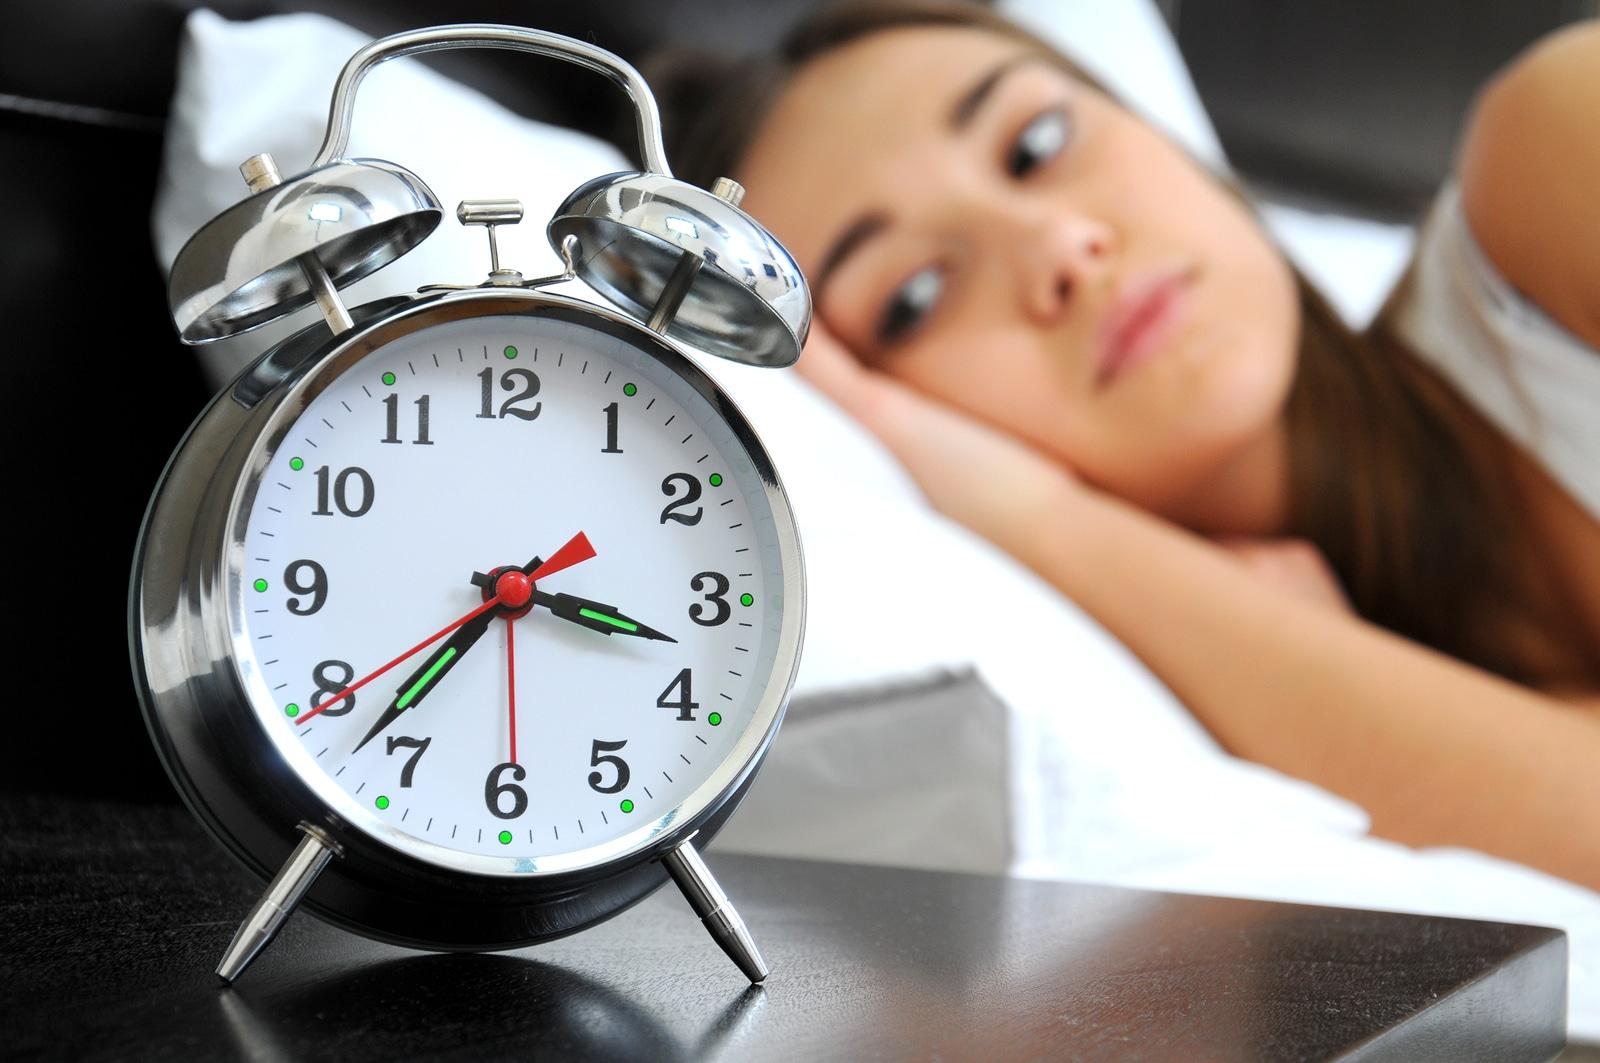 ¿Eres de los que cuentan borreguitos para dormir?